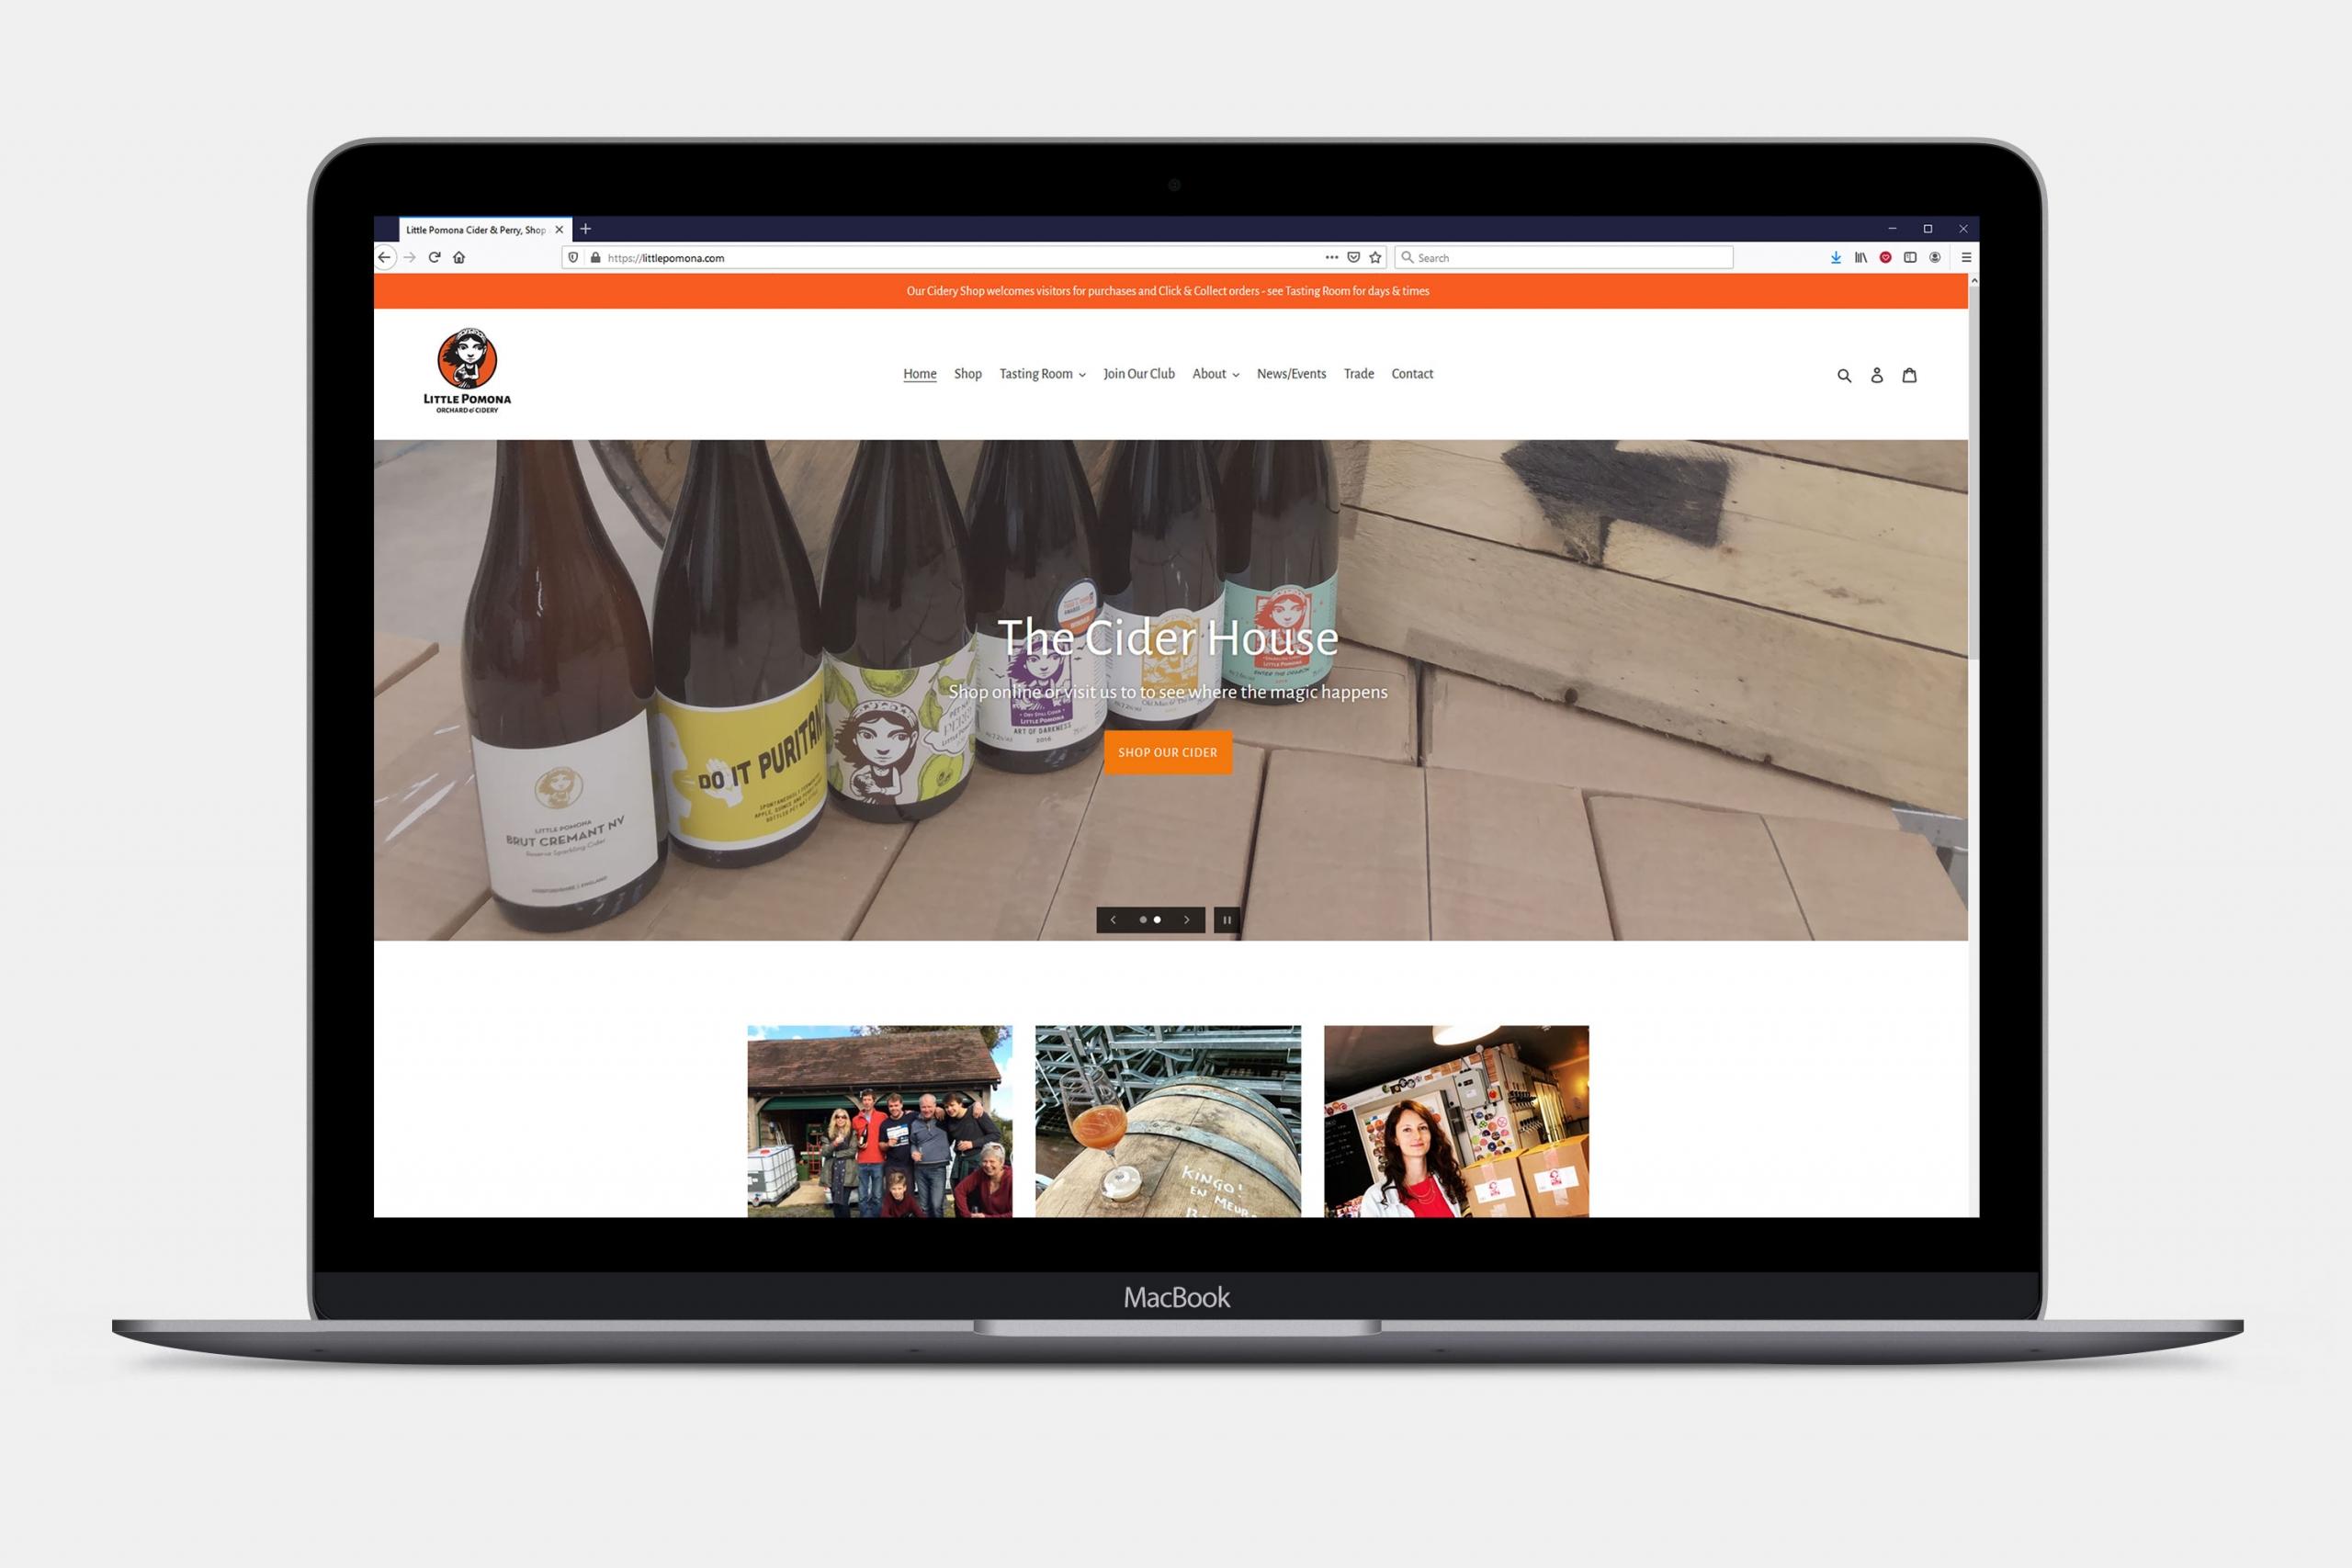 Little Pomona Ecommerce Website